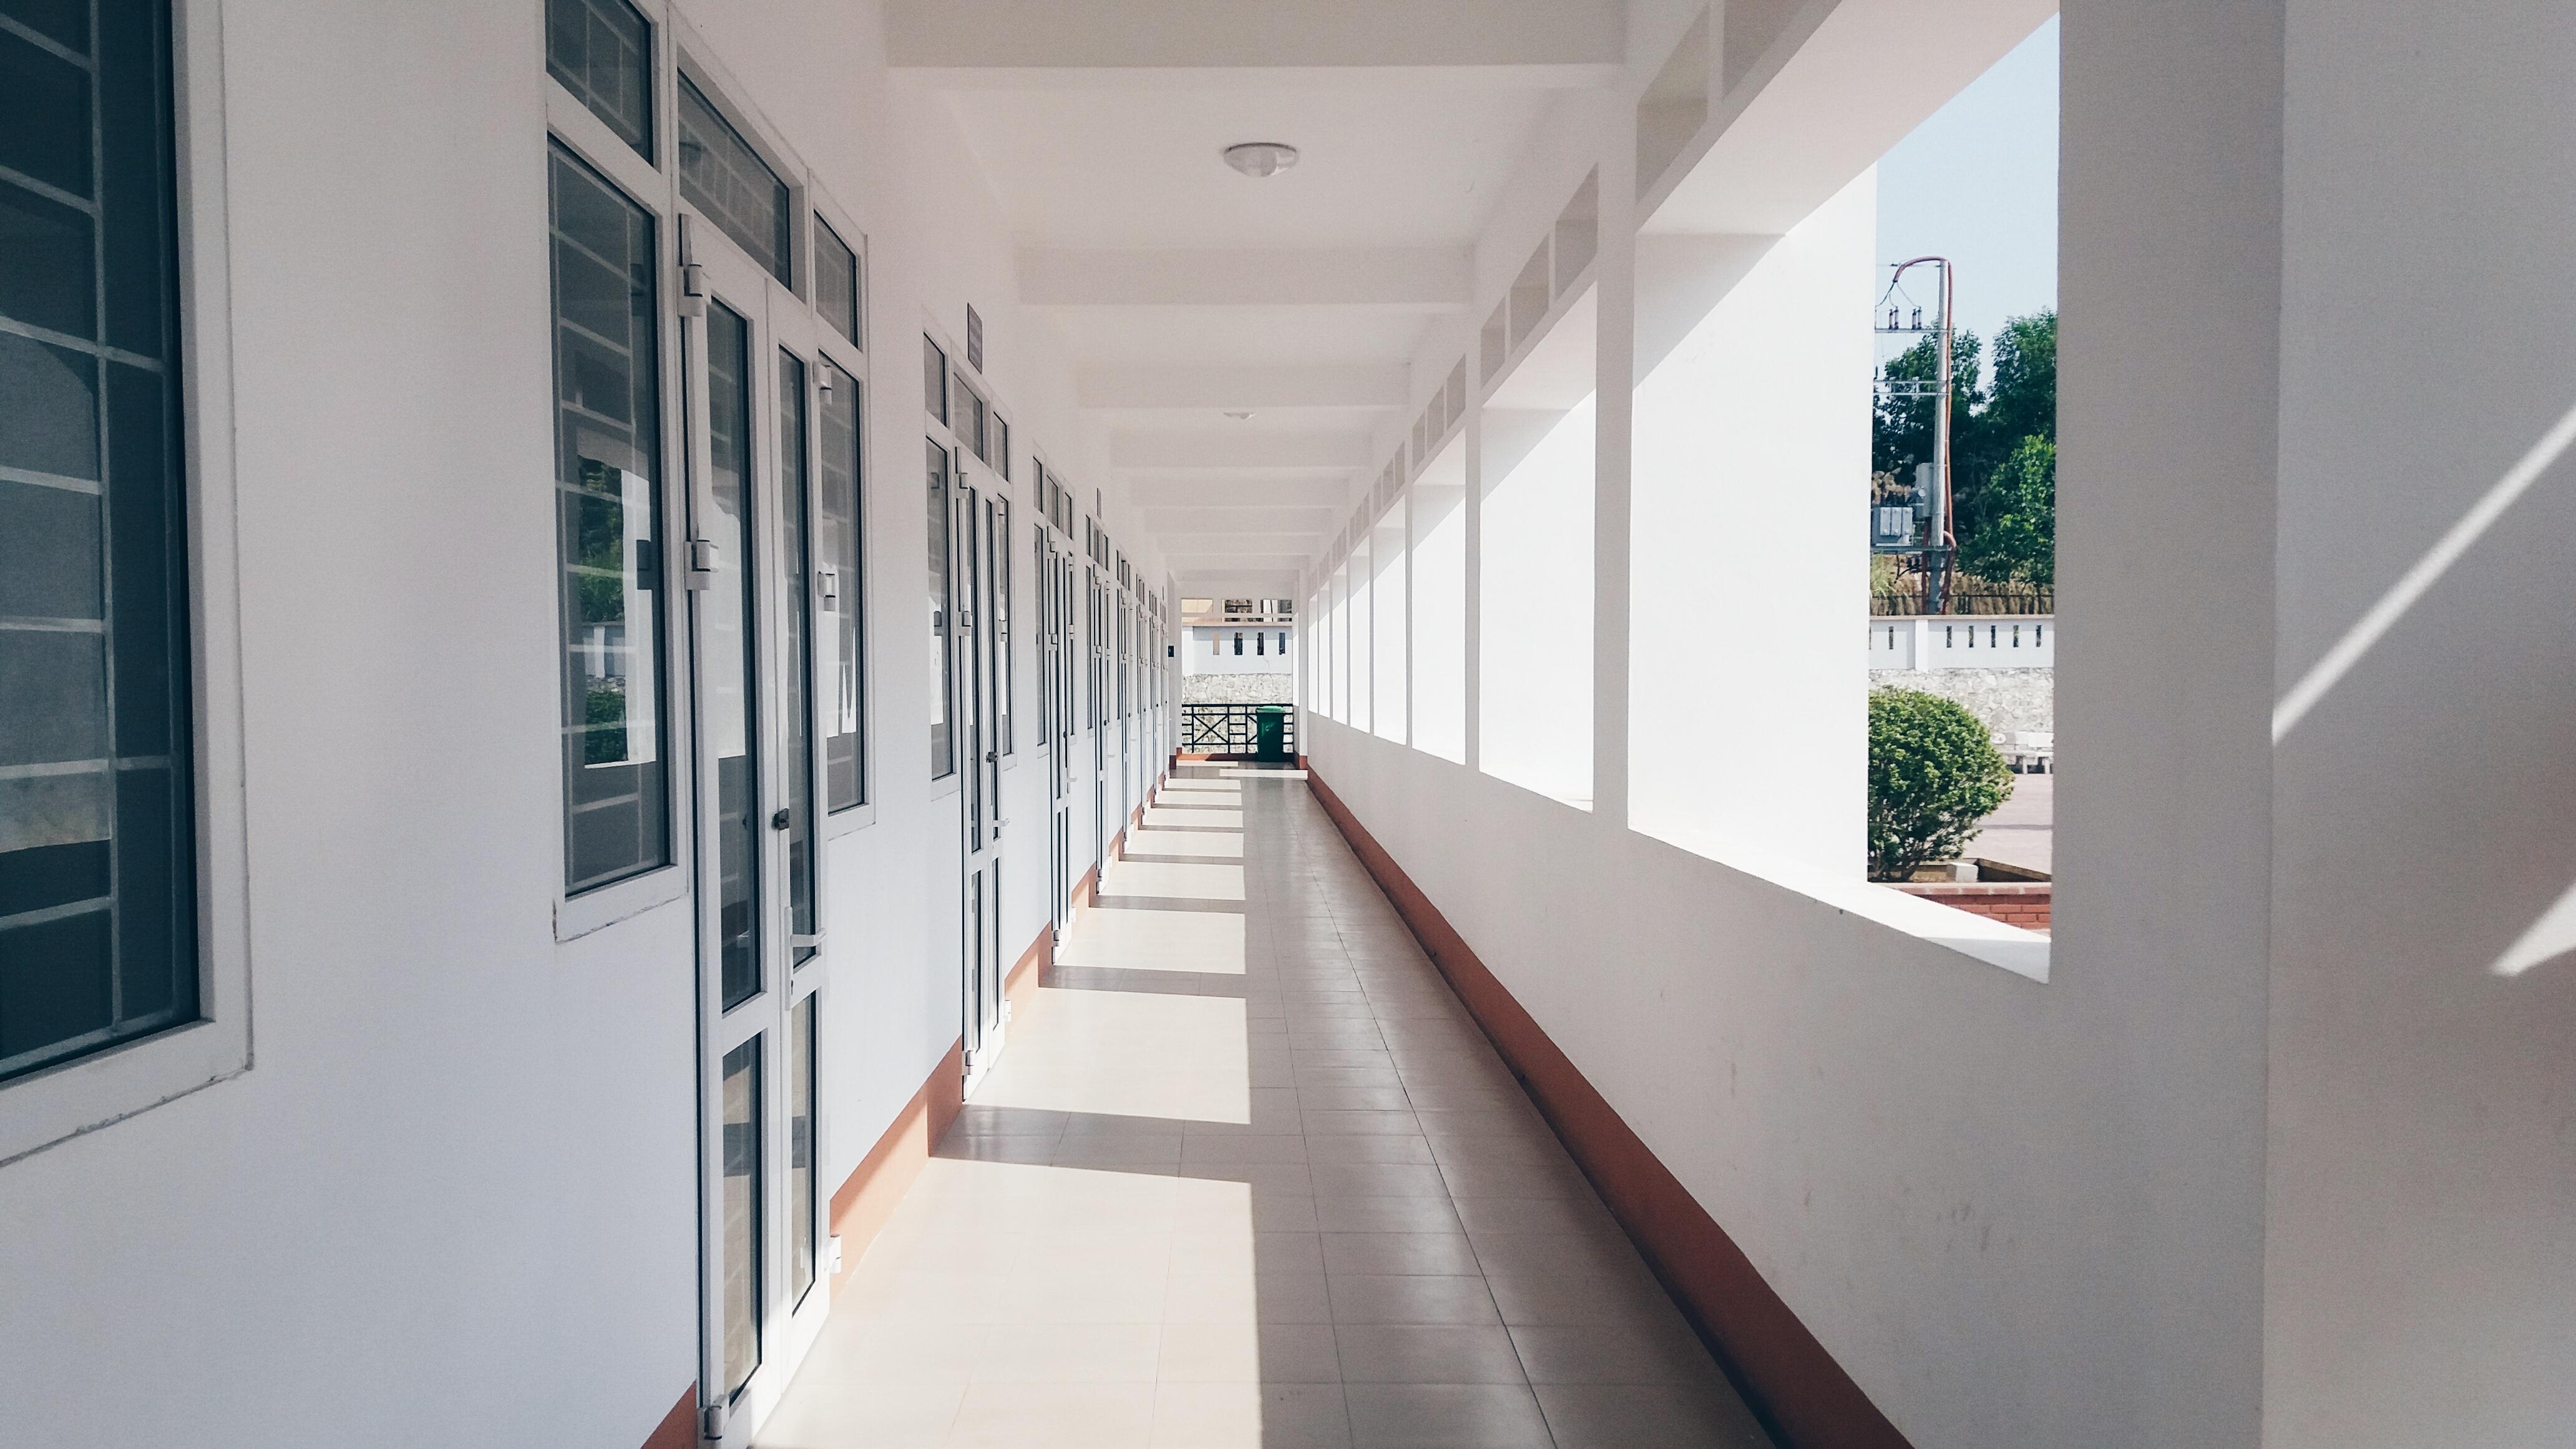 Gratis afbeeldingen architectuur huis venster gebouw huis hal kantoor eigendom kamer - Ontwerp huis kantoor ...